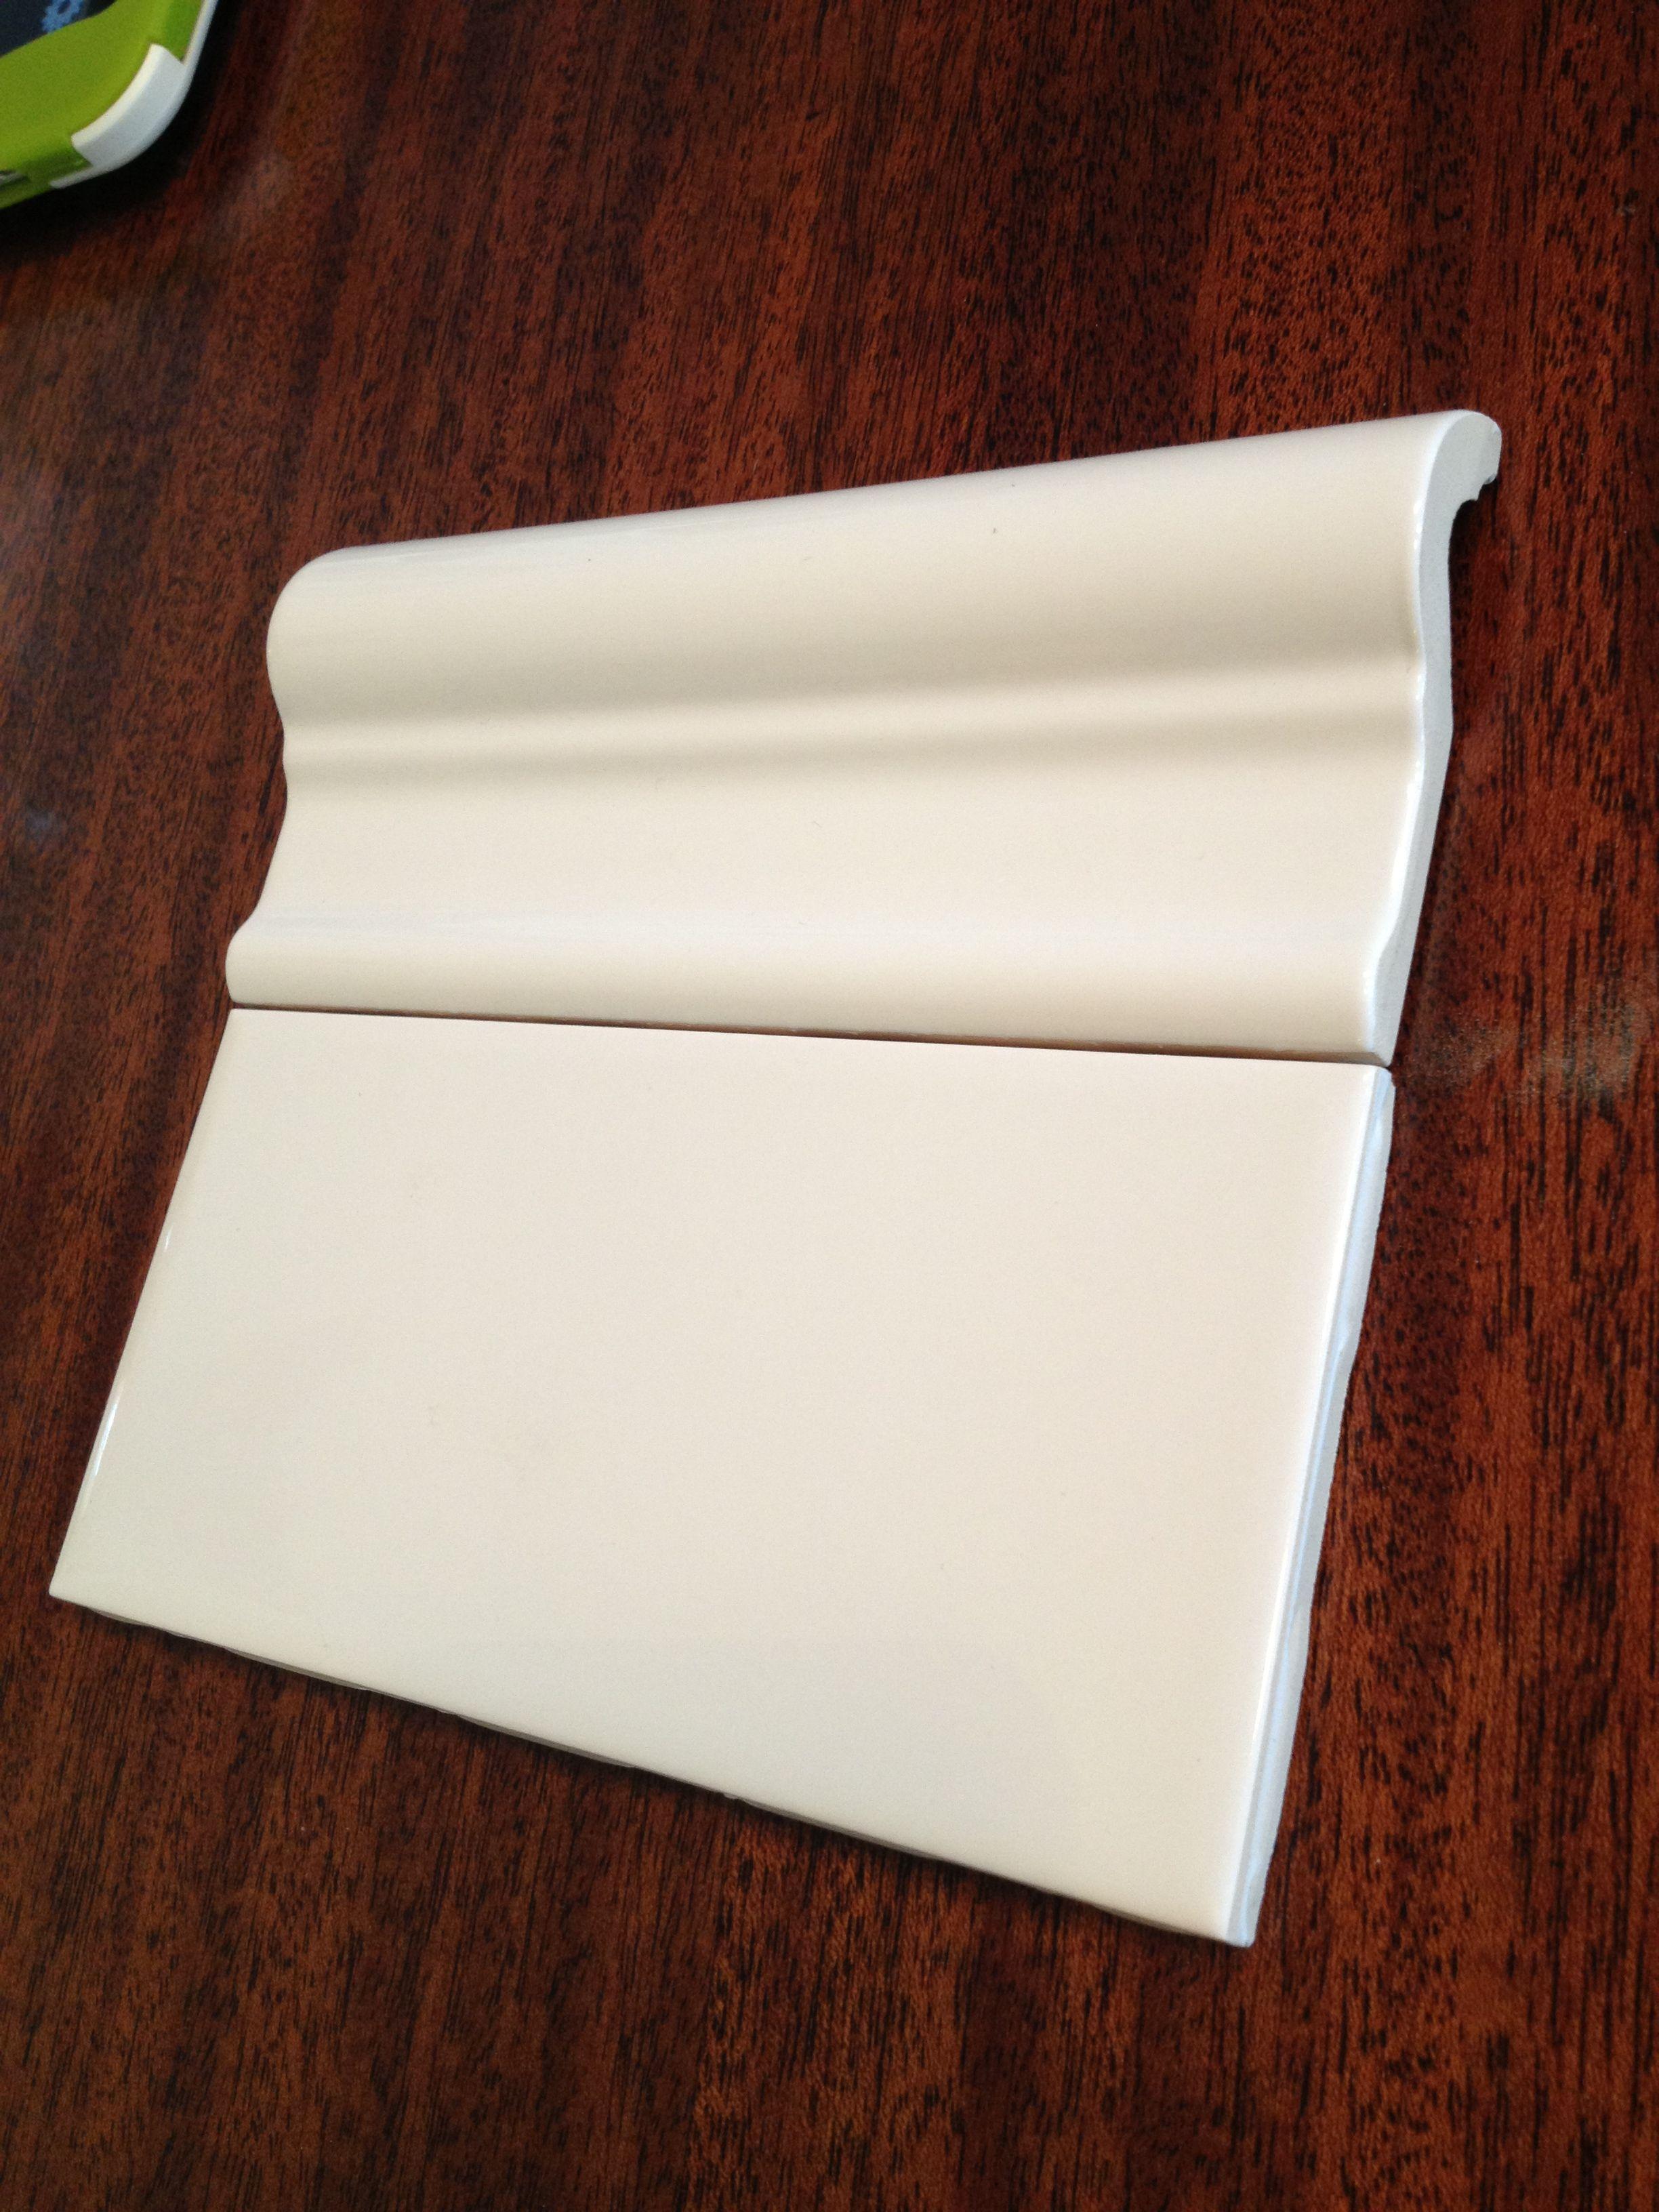 home depot chair rail molding larry accessories option 1 subway tile cap victoria